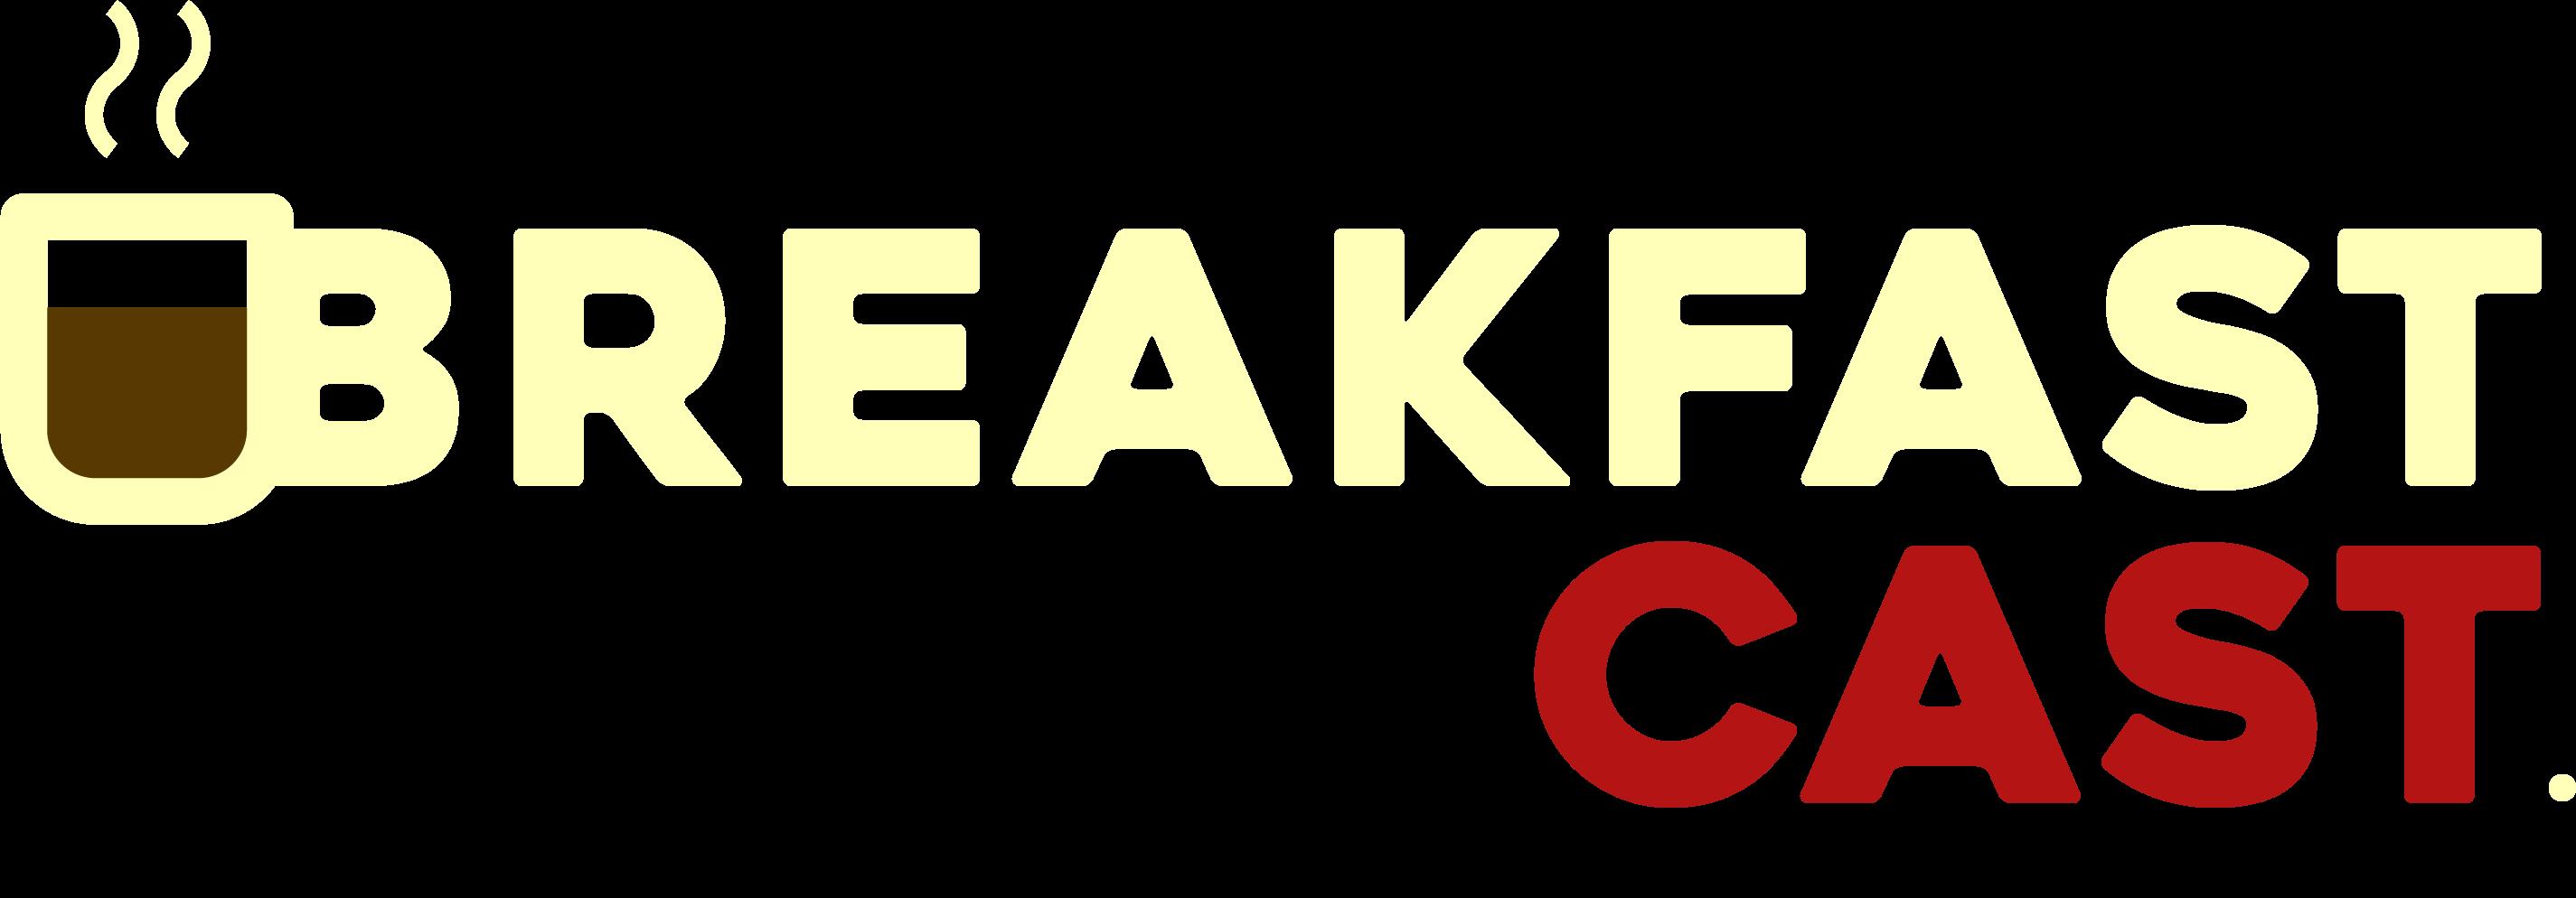 Breakfast Cast